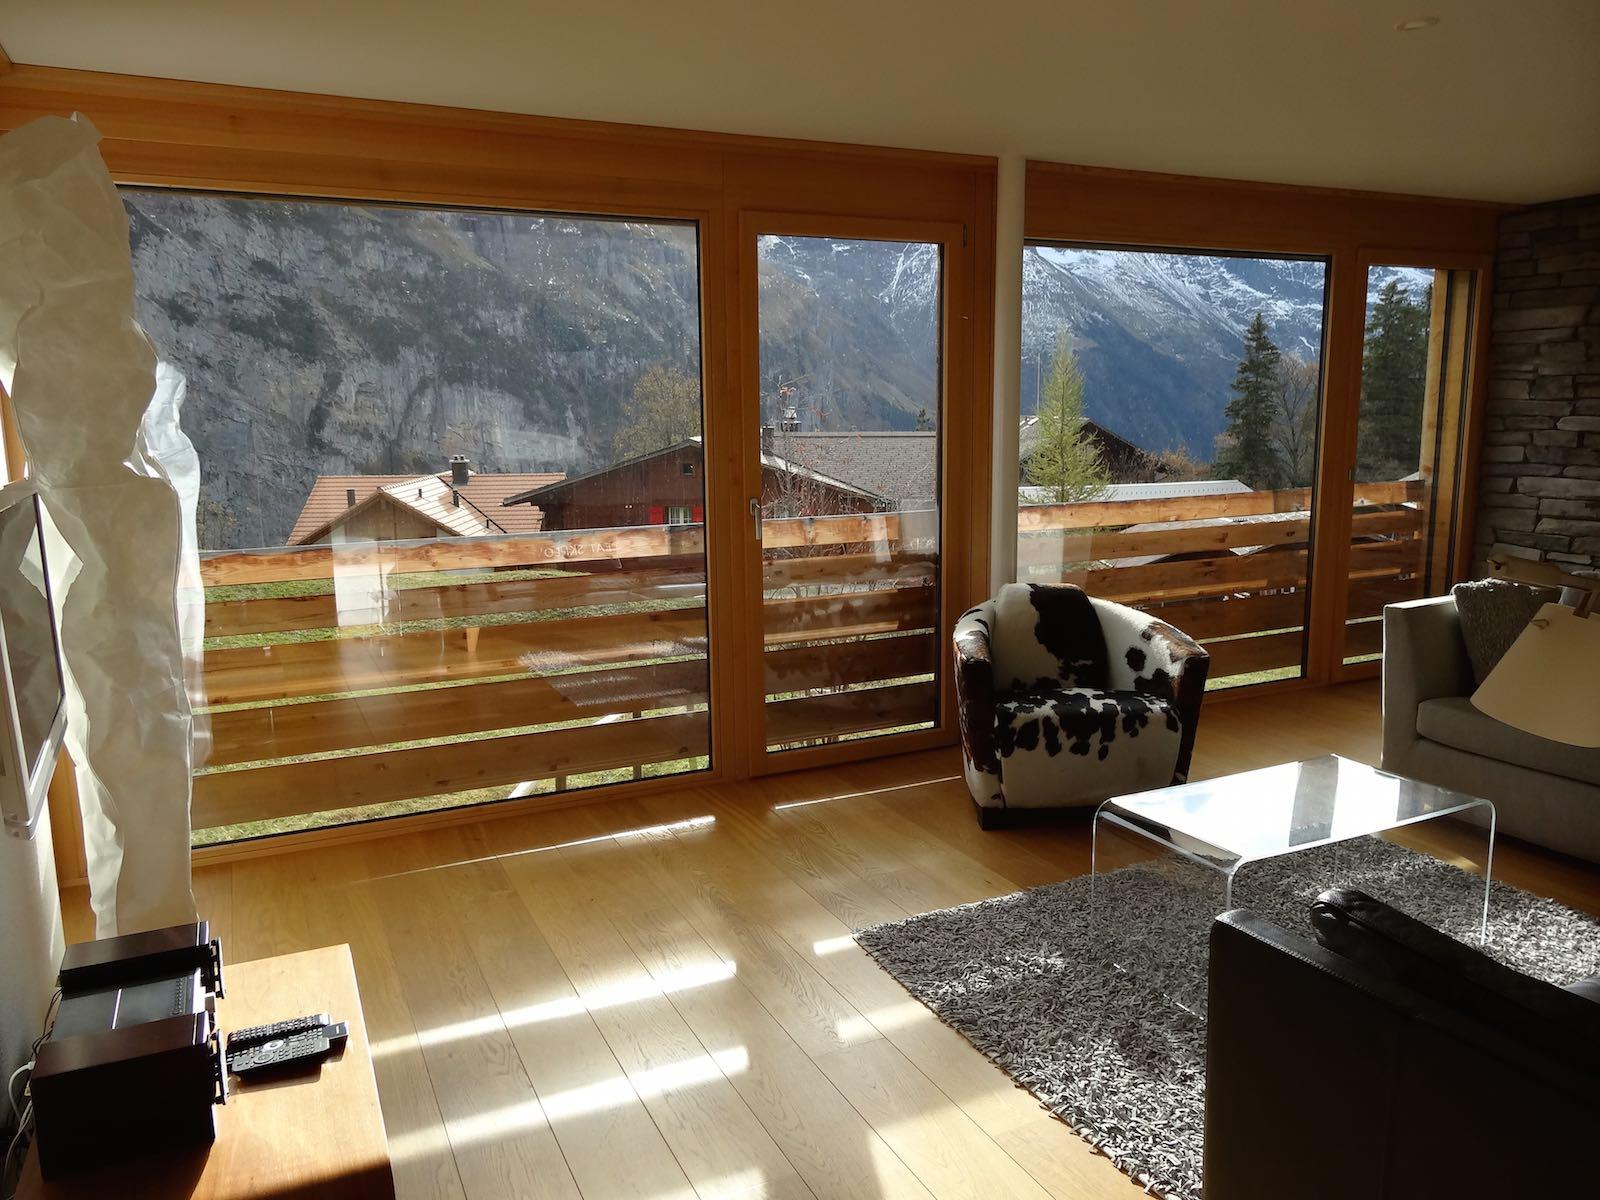 http://hoteljungfrau.ch/wp-content/uploads/2014/11/jungfrau-lodge-9.jpg